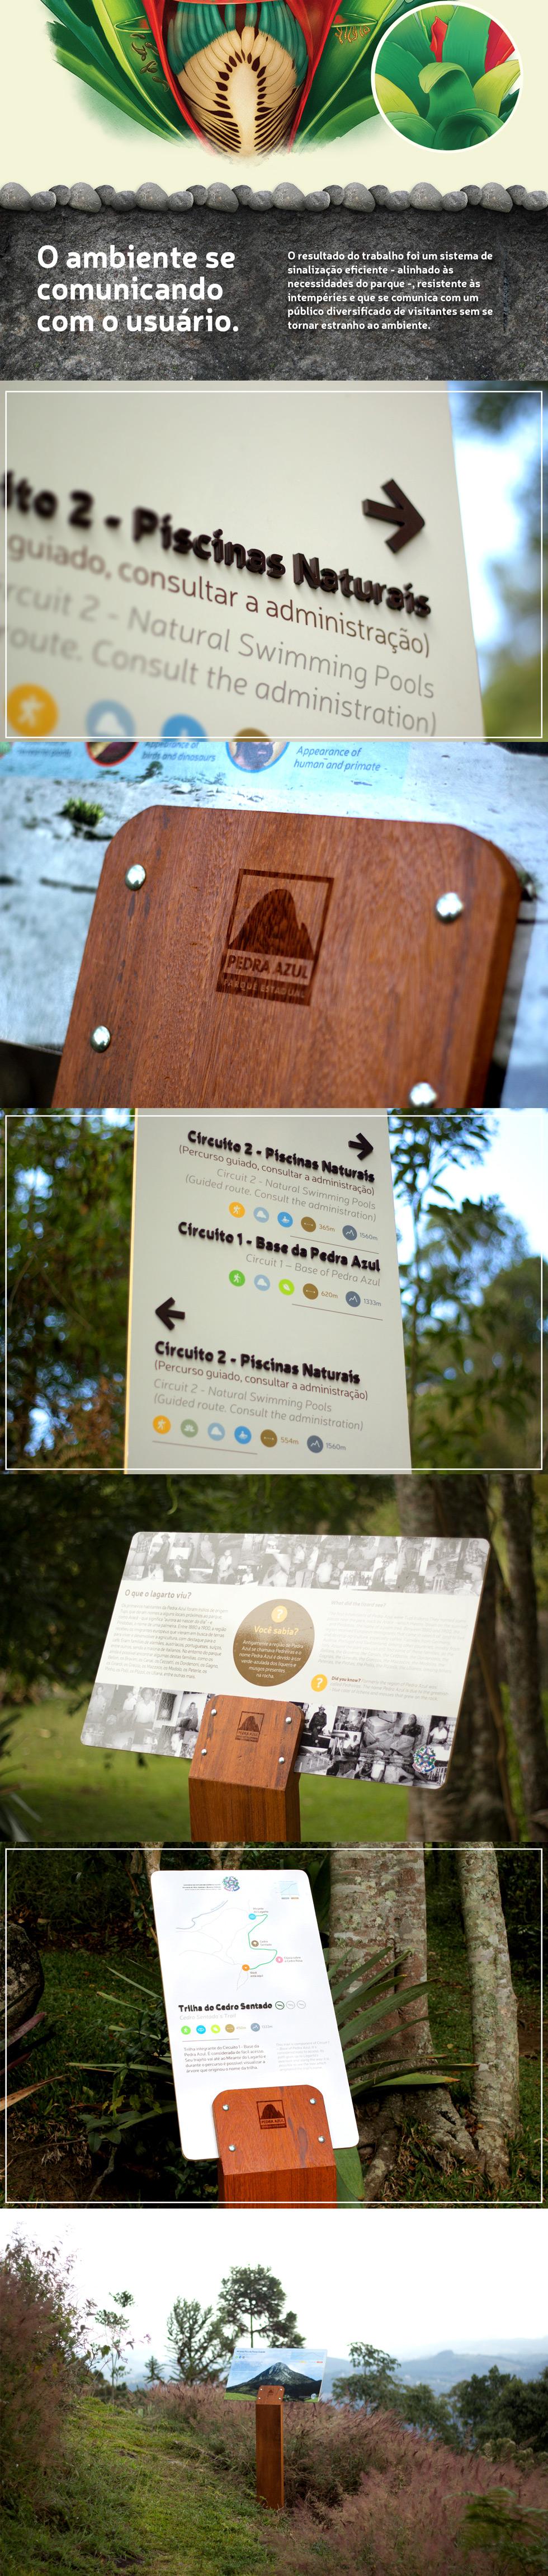 O projeto de sinalização do escritório capixaba Balaio Design para o Parque Estadual Pedra Azul foi selecionado para estar presente na Bienal Brasileira de Design 2015 (que nessa edição aconteceu em Florianópolis - SC). Abaixo, em material do próprio escritório, pode-se ver a descrição do projeto.